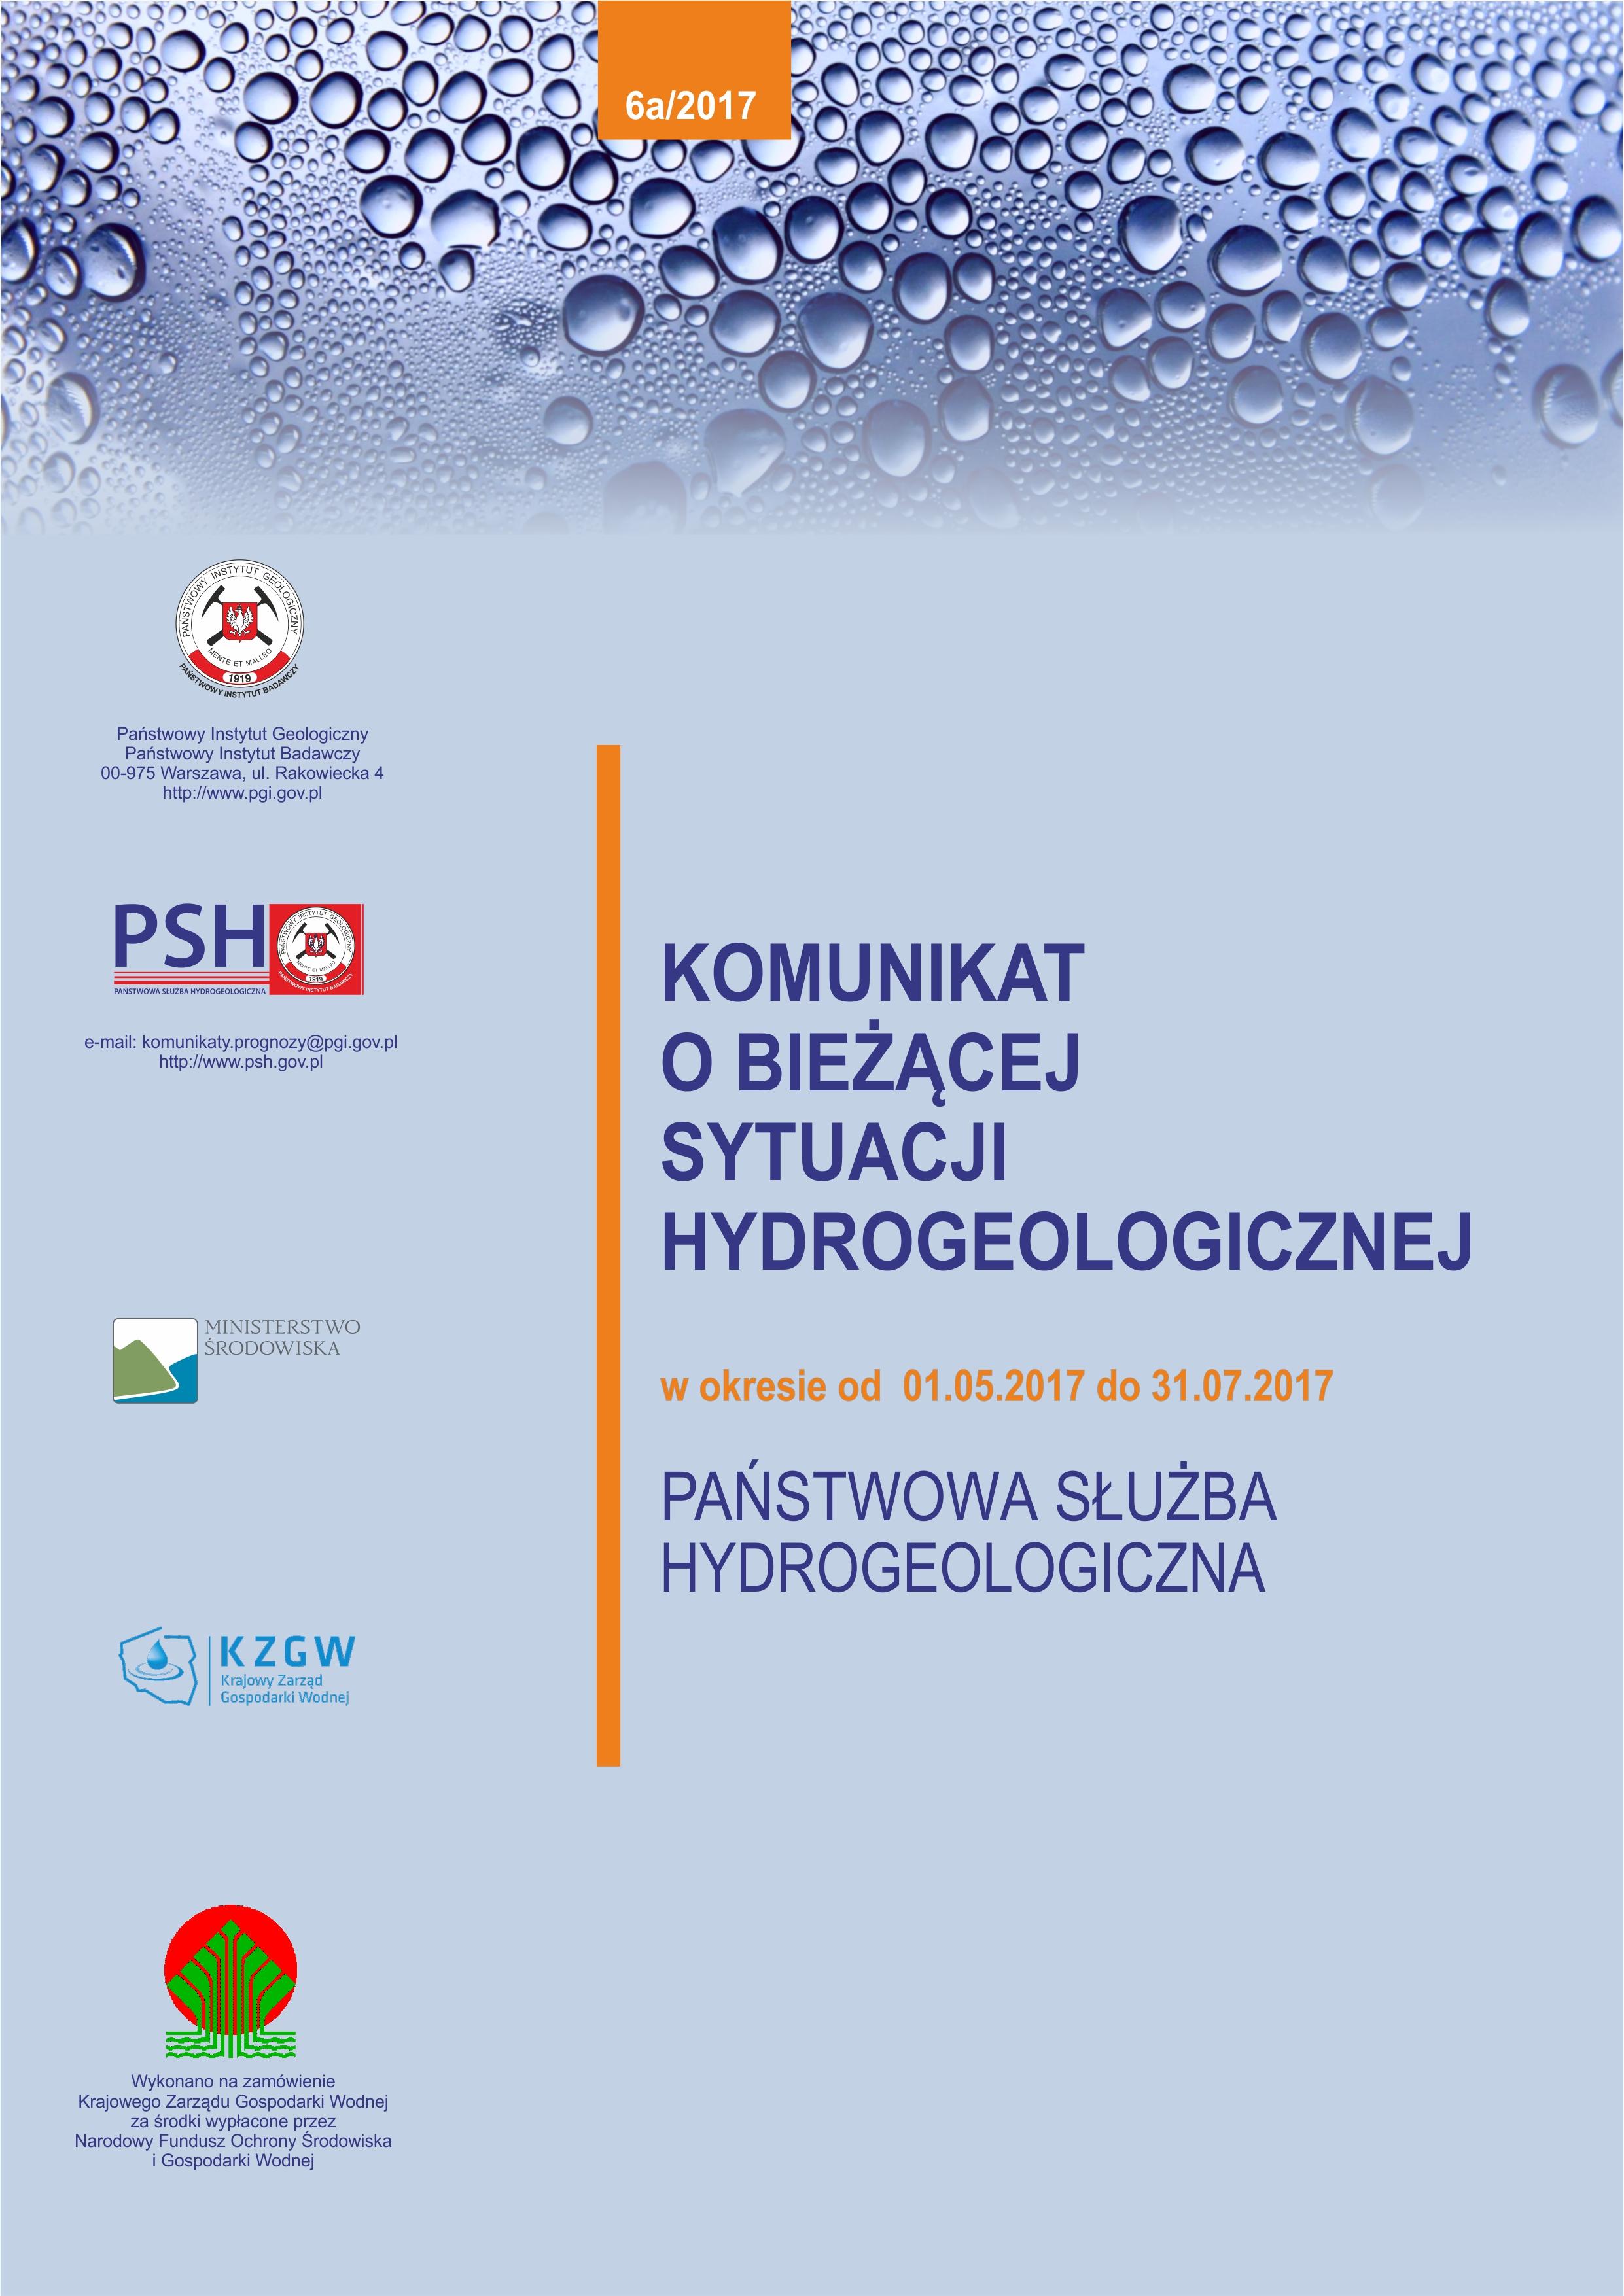 Komunikat o bieżącej sytuacji hydrogeologicznej w okresie 01.05.2017 - 31.07.2017